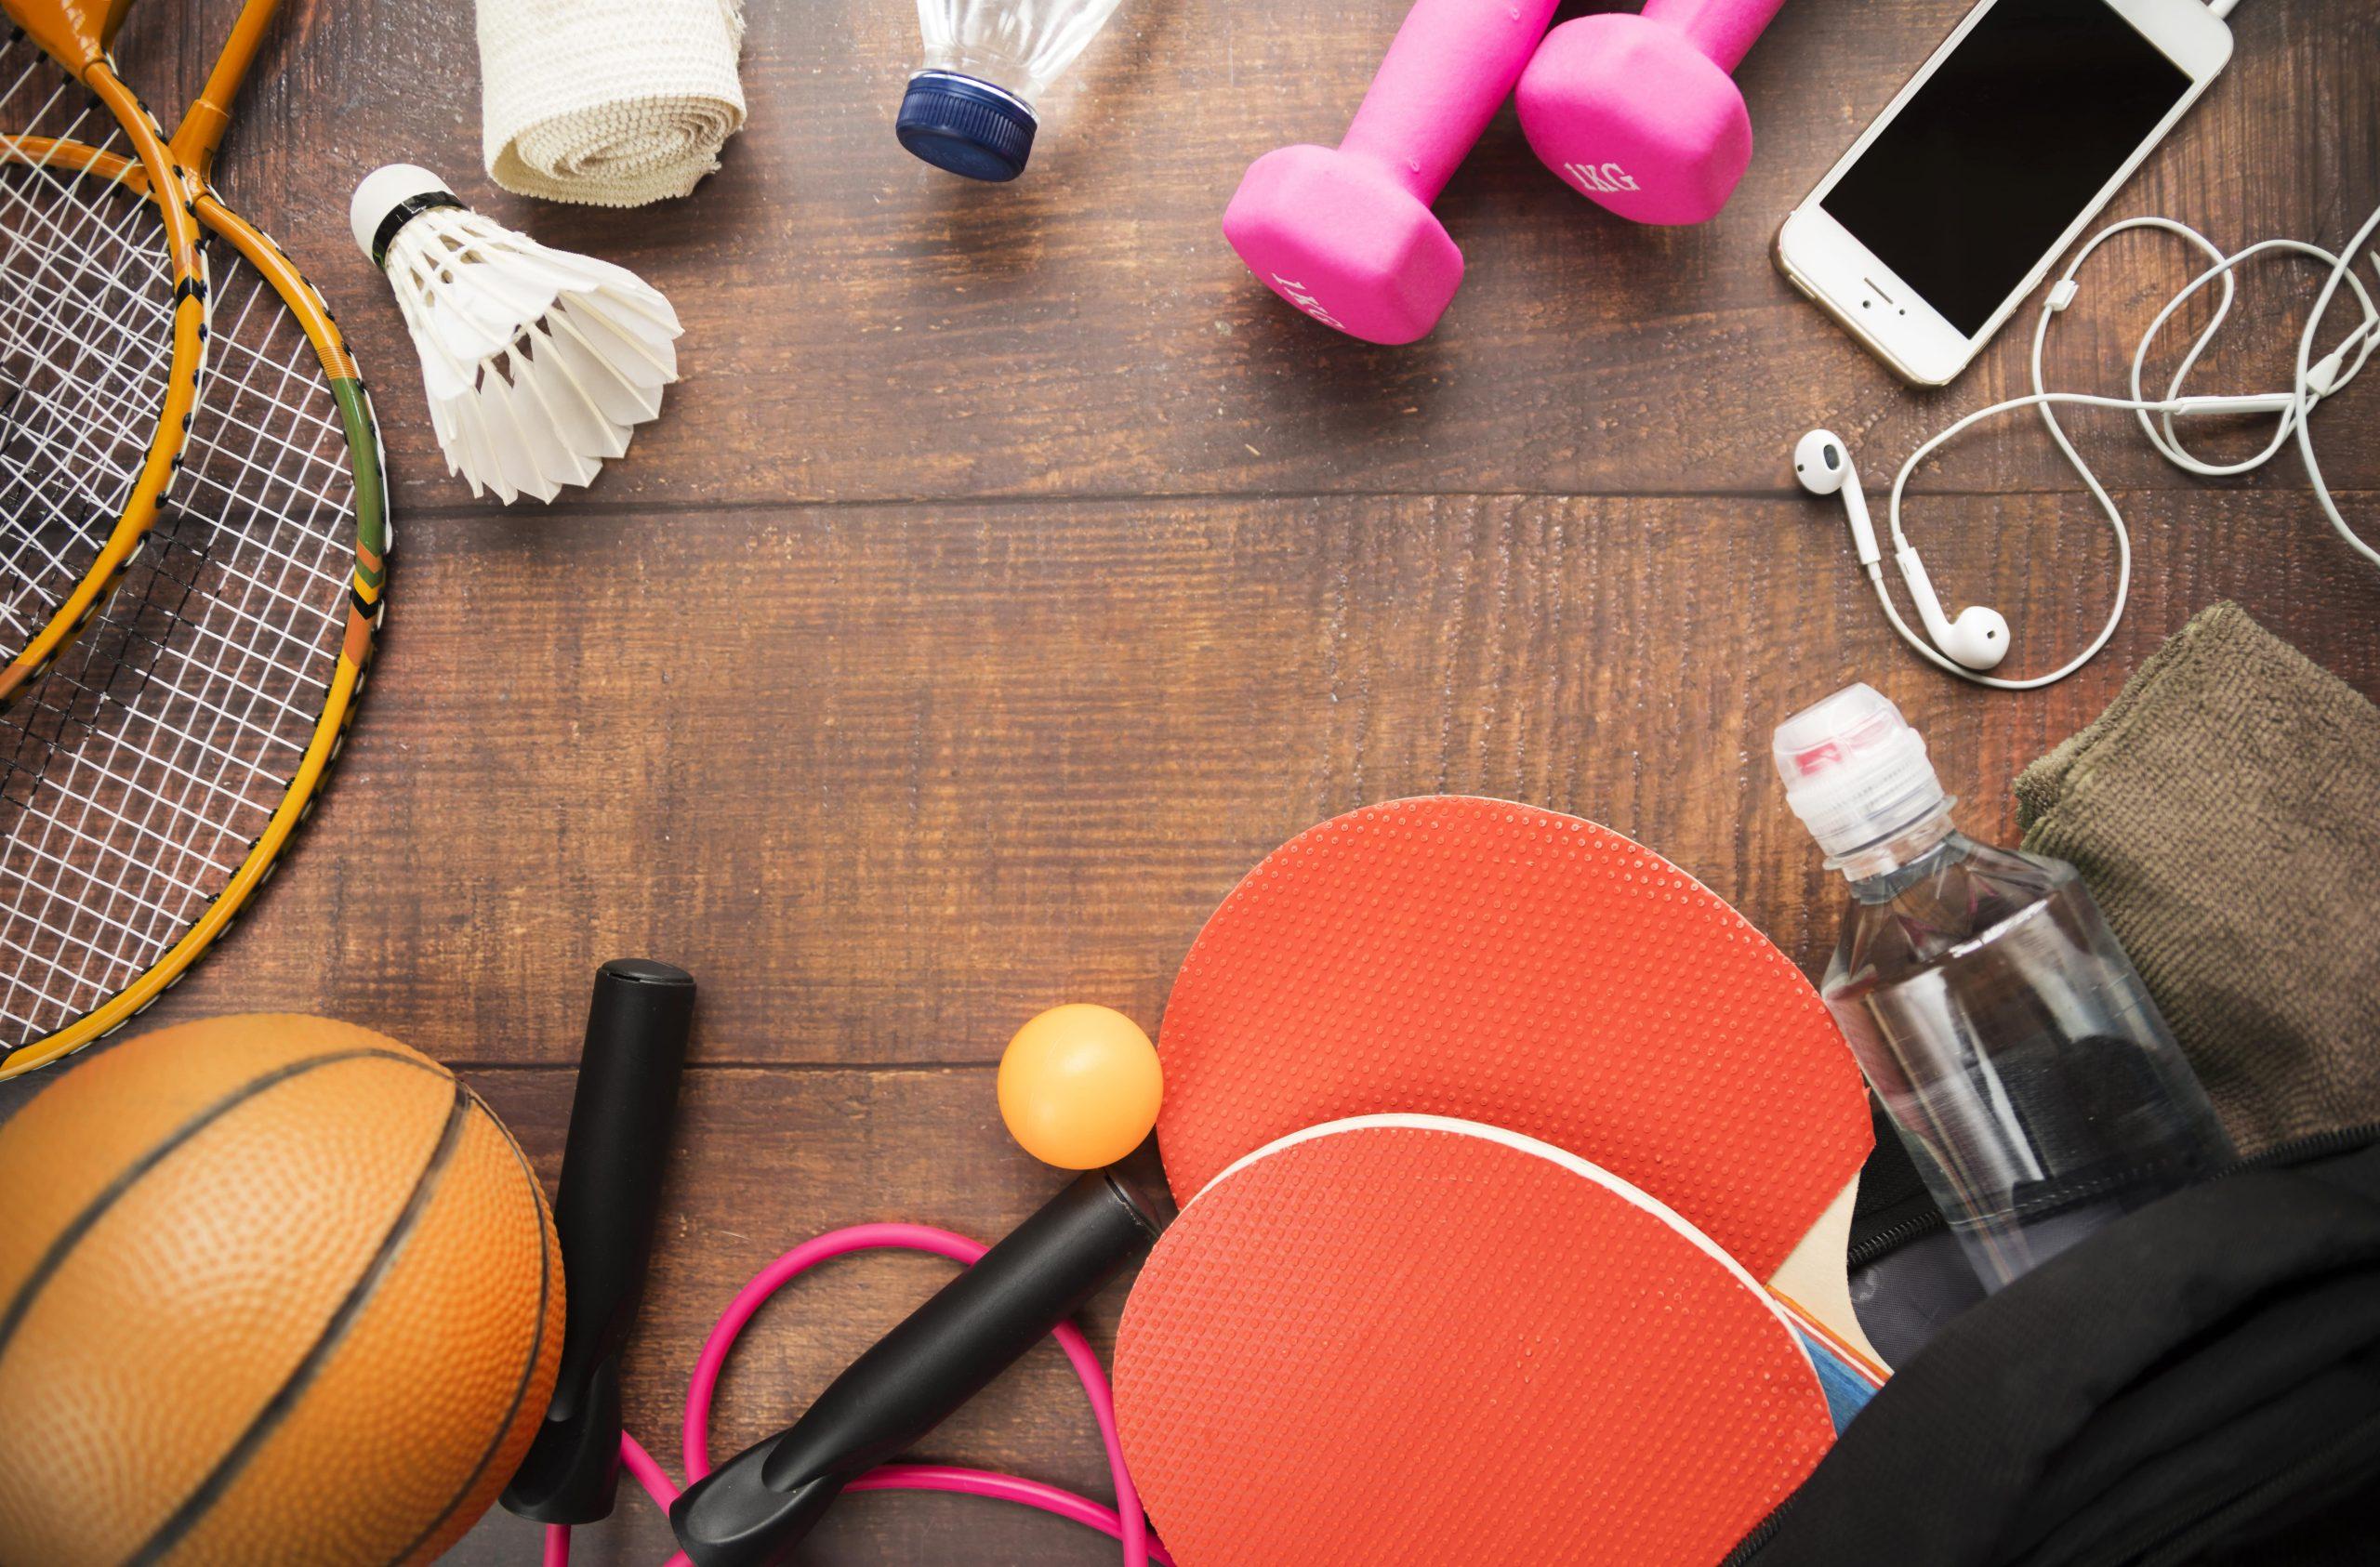 Išskirtiniai mokymai ugdys sporto veteranų verslumą